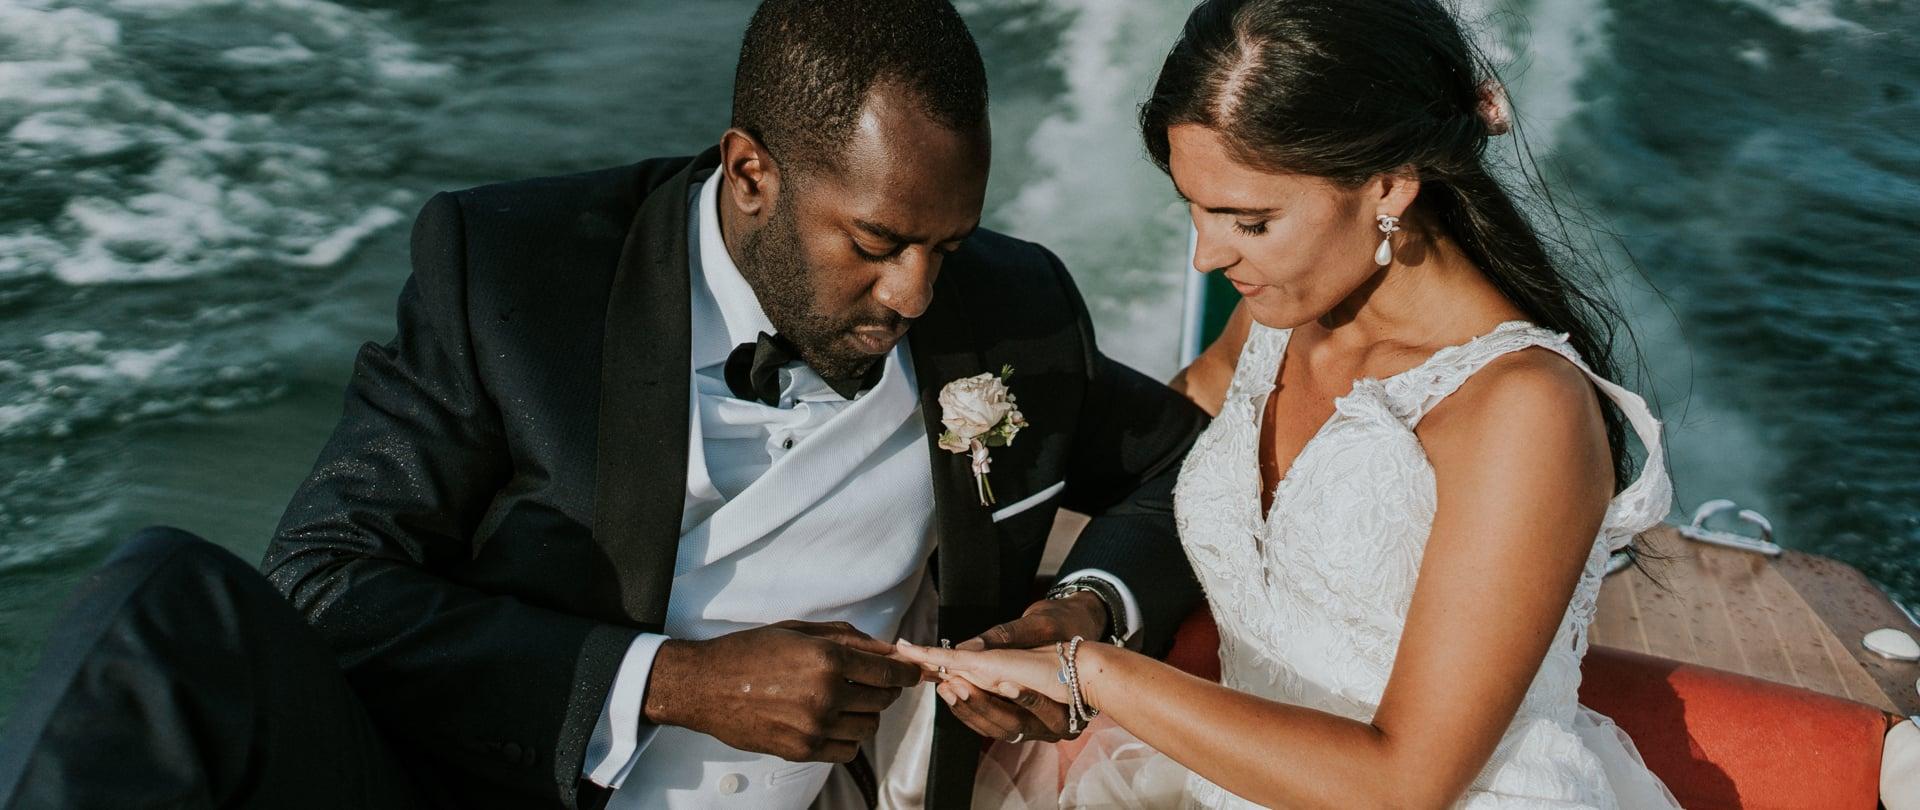 Serena & Ogo Wedding Video Filmed at Stresa, Italy